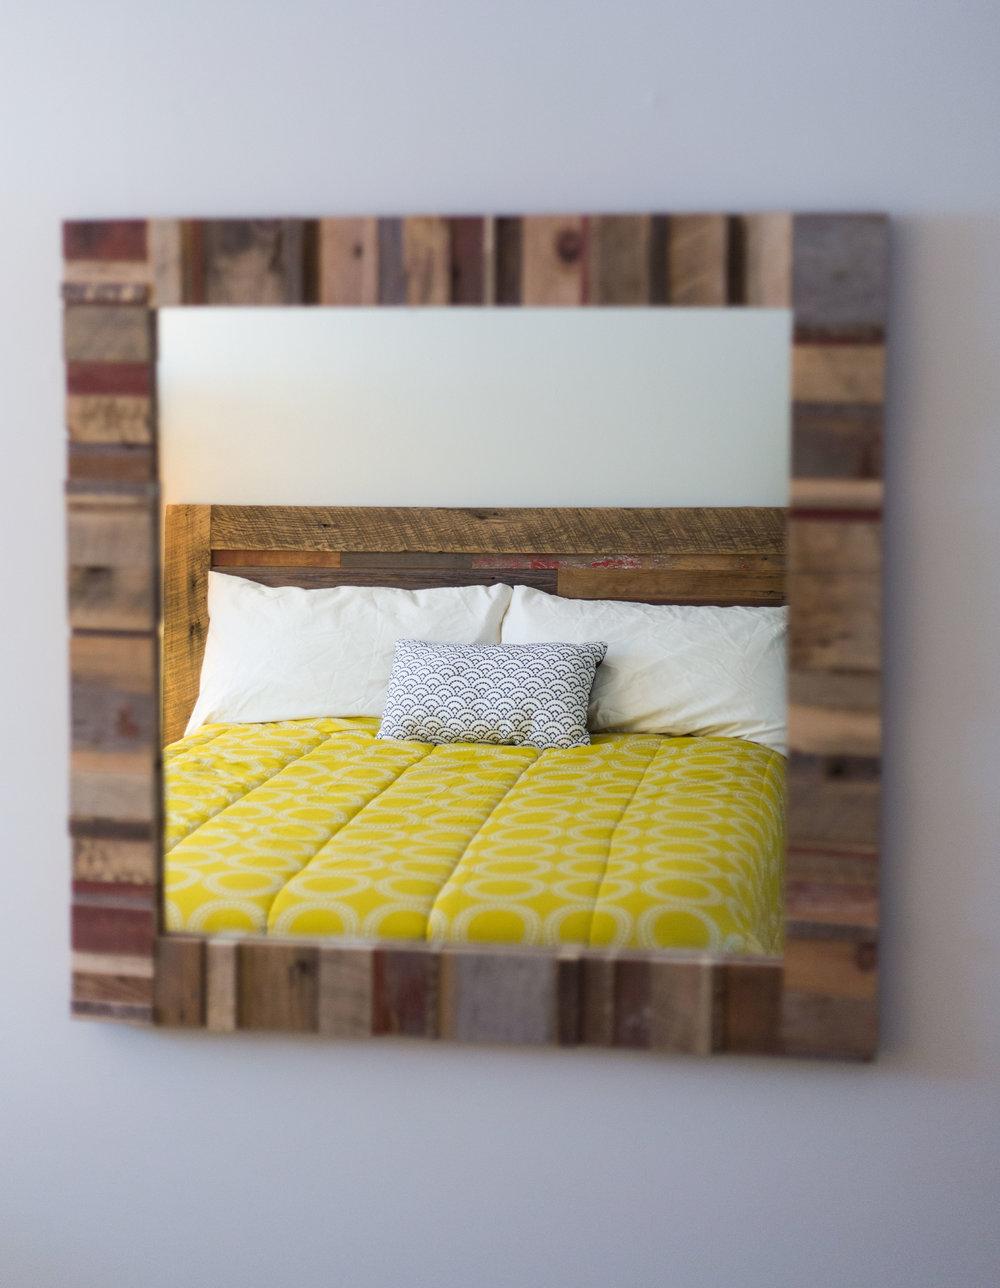 Reclaimed Barn Wood Headboard and Mirror